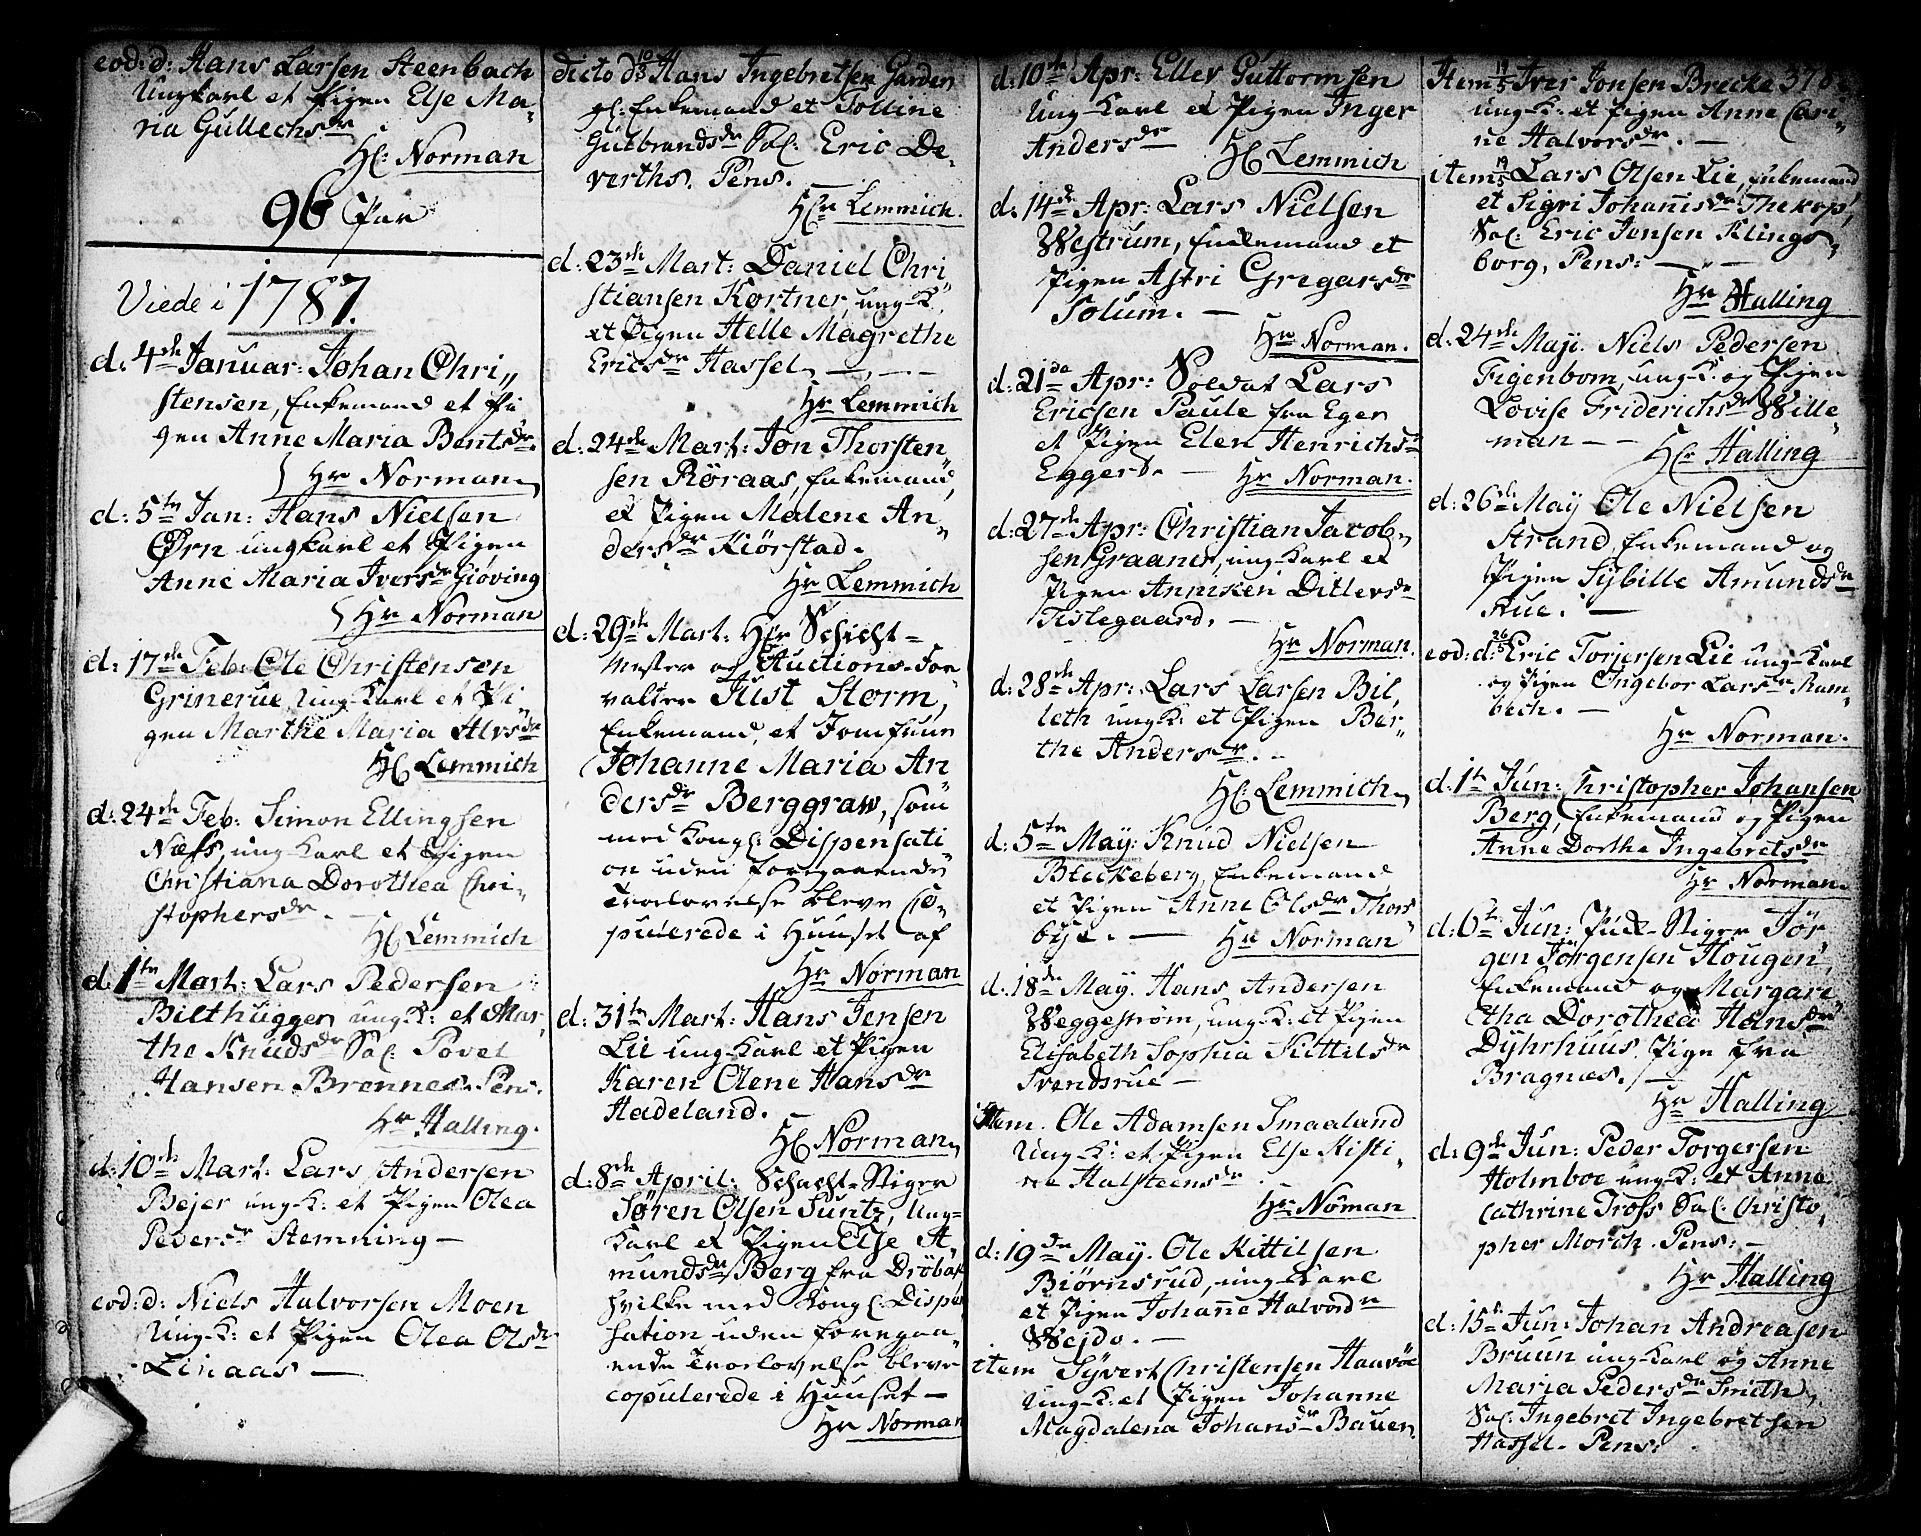 SAKO, Kongsberg kirkebøker, F/Fa/L0006: Ministerialbok nr. I 6, 1783-1797, s. 378